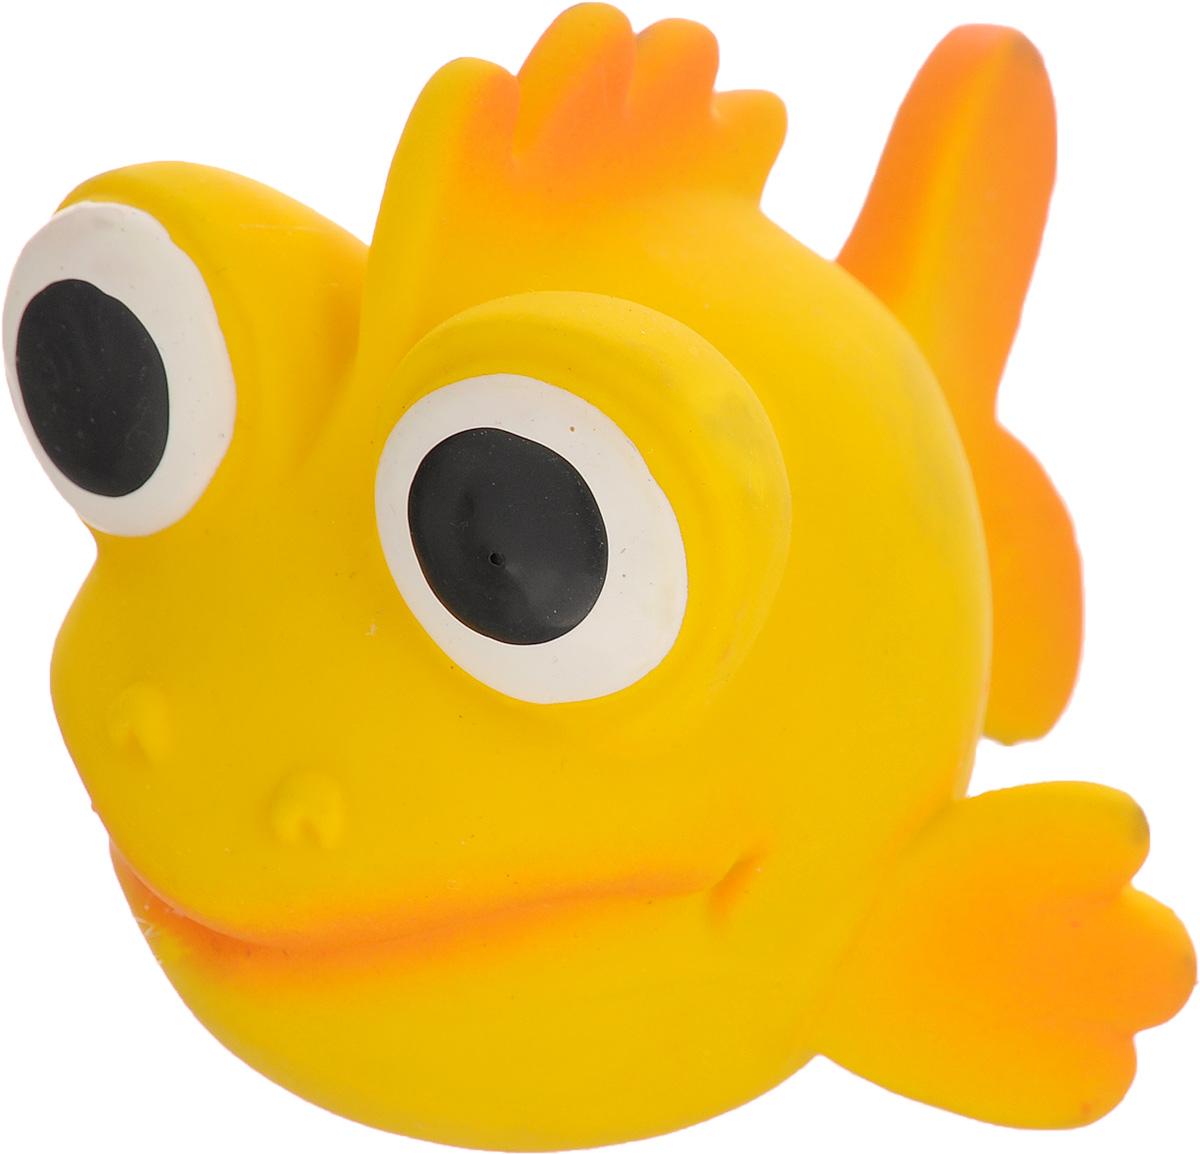 Игрушка для собак Beeztees I.P.T.S. Рыбка, цвет: желтый, оранжевый16263/620875_желтый, оранжевыйИгрушка для собак Beeztees I.P.T.S. изготовлена из безопасного латекса в форме забавной рыбки с большими глазами. Игрушка снабжена пищалкой. Предназначена для игр с собаками разных возрастов. Такая игрушка привлечет внимание вашего любимца и не оставит его равнодушным.